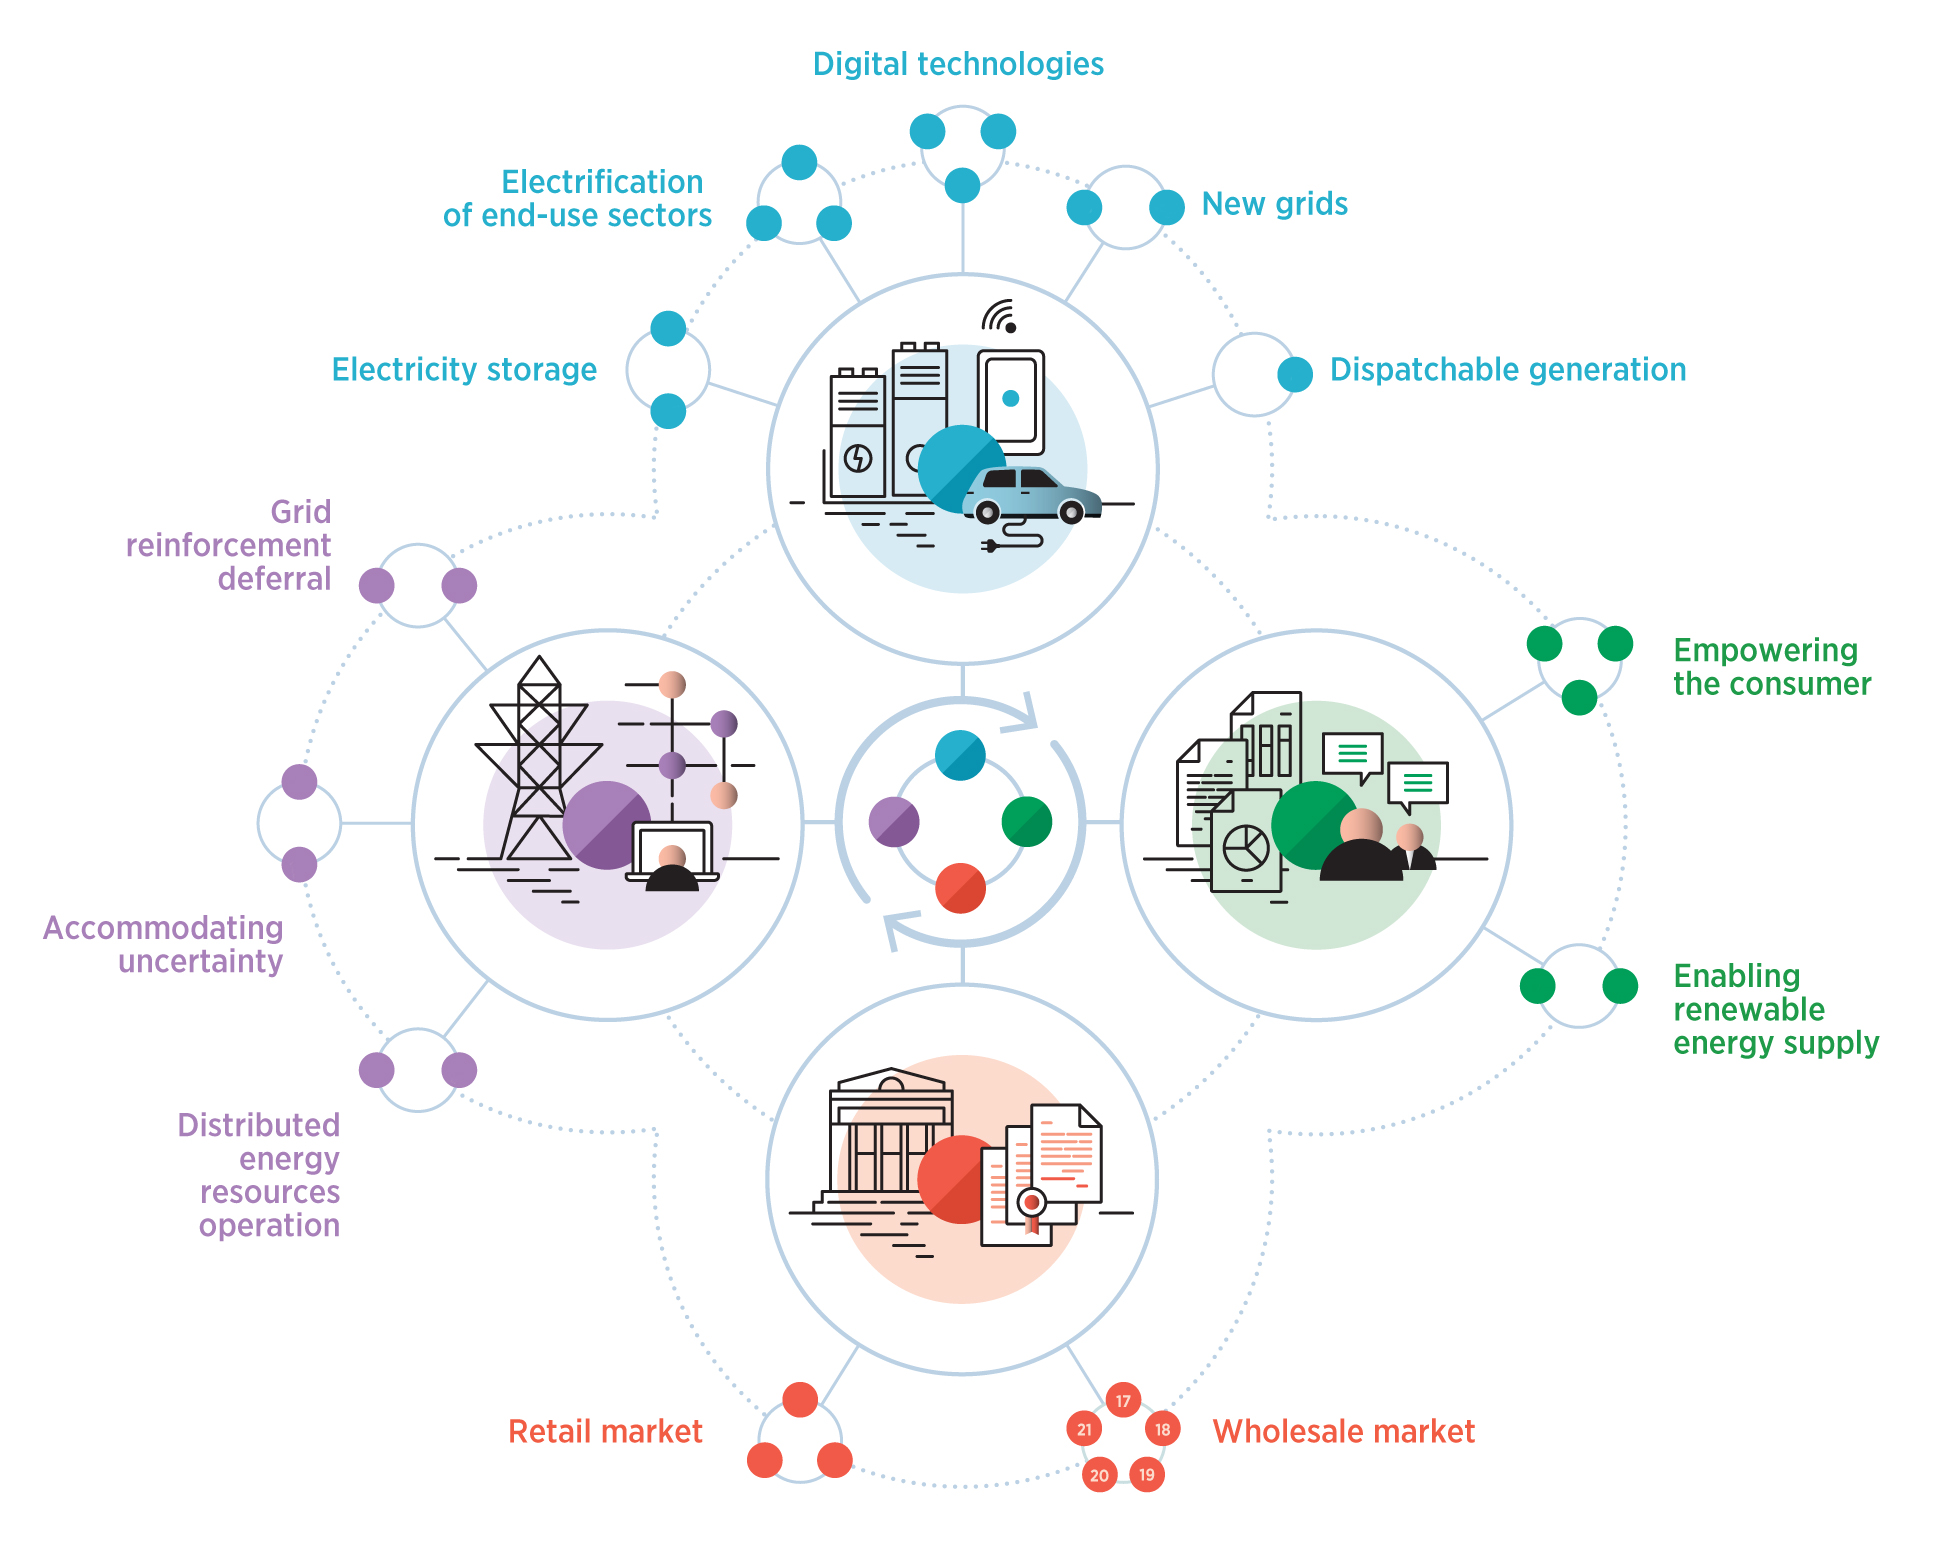 Рис. 3. «Инновационный ландшафт» изменений в системной интеграции для увеличения доли ВИЭ в энергетике. Источник: IRENA - «Innovation landscape for a renewable-powered future», февраль 2019.